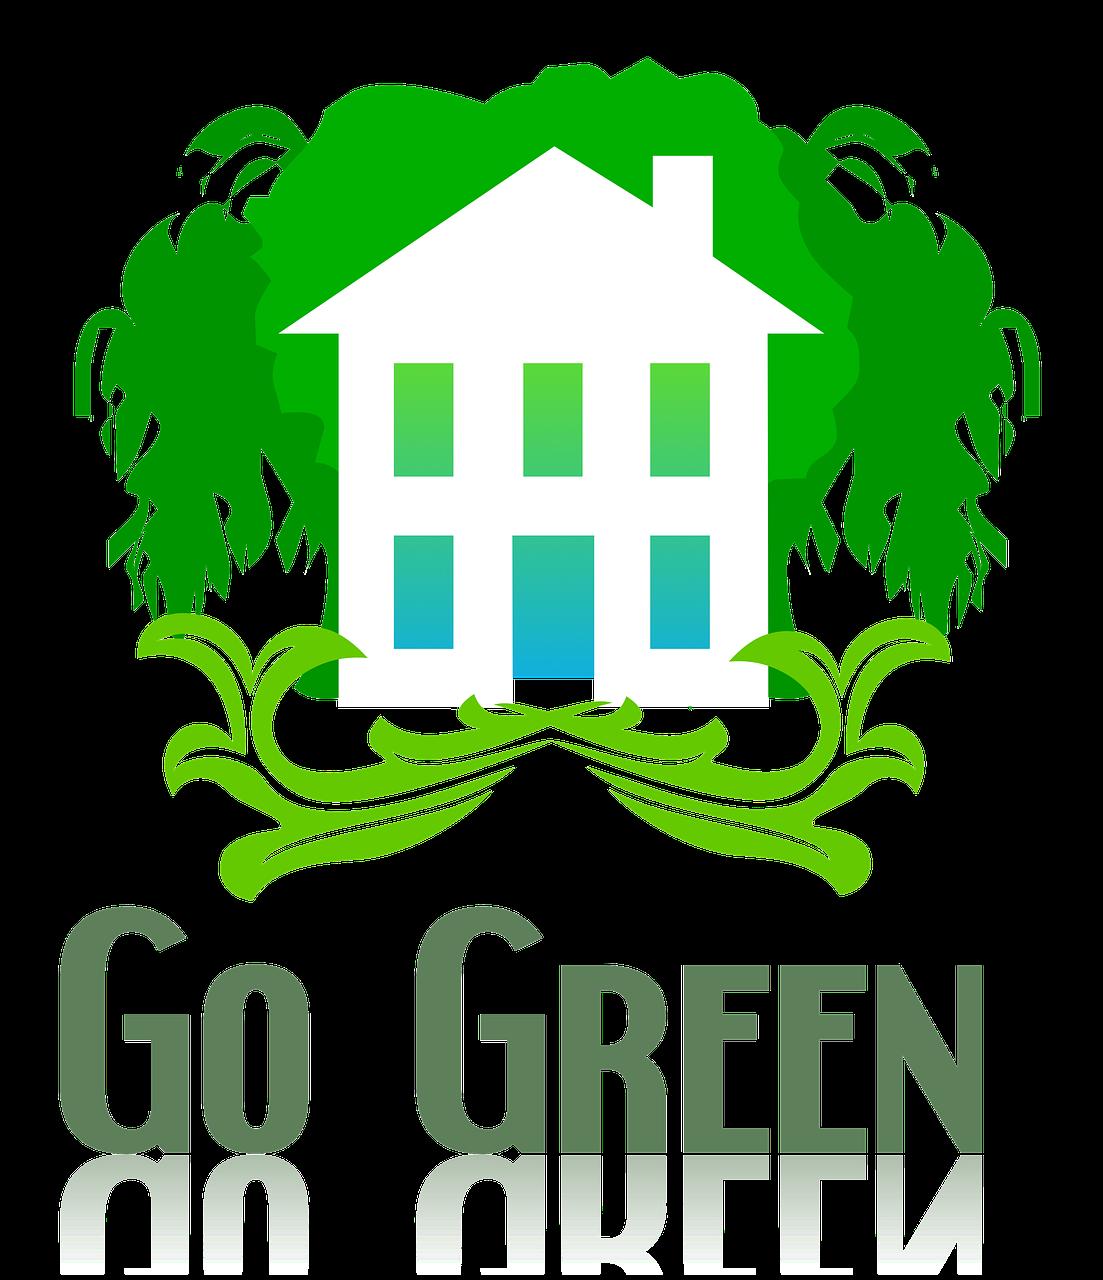 Construir una vivienda unifamiliar eficiente con Agencia Iglesias